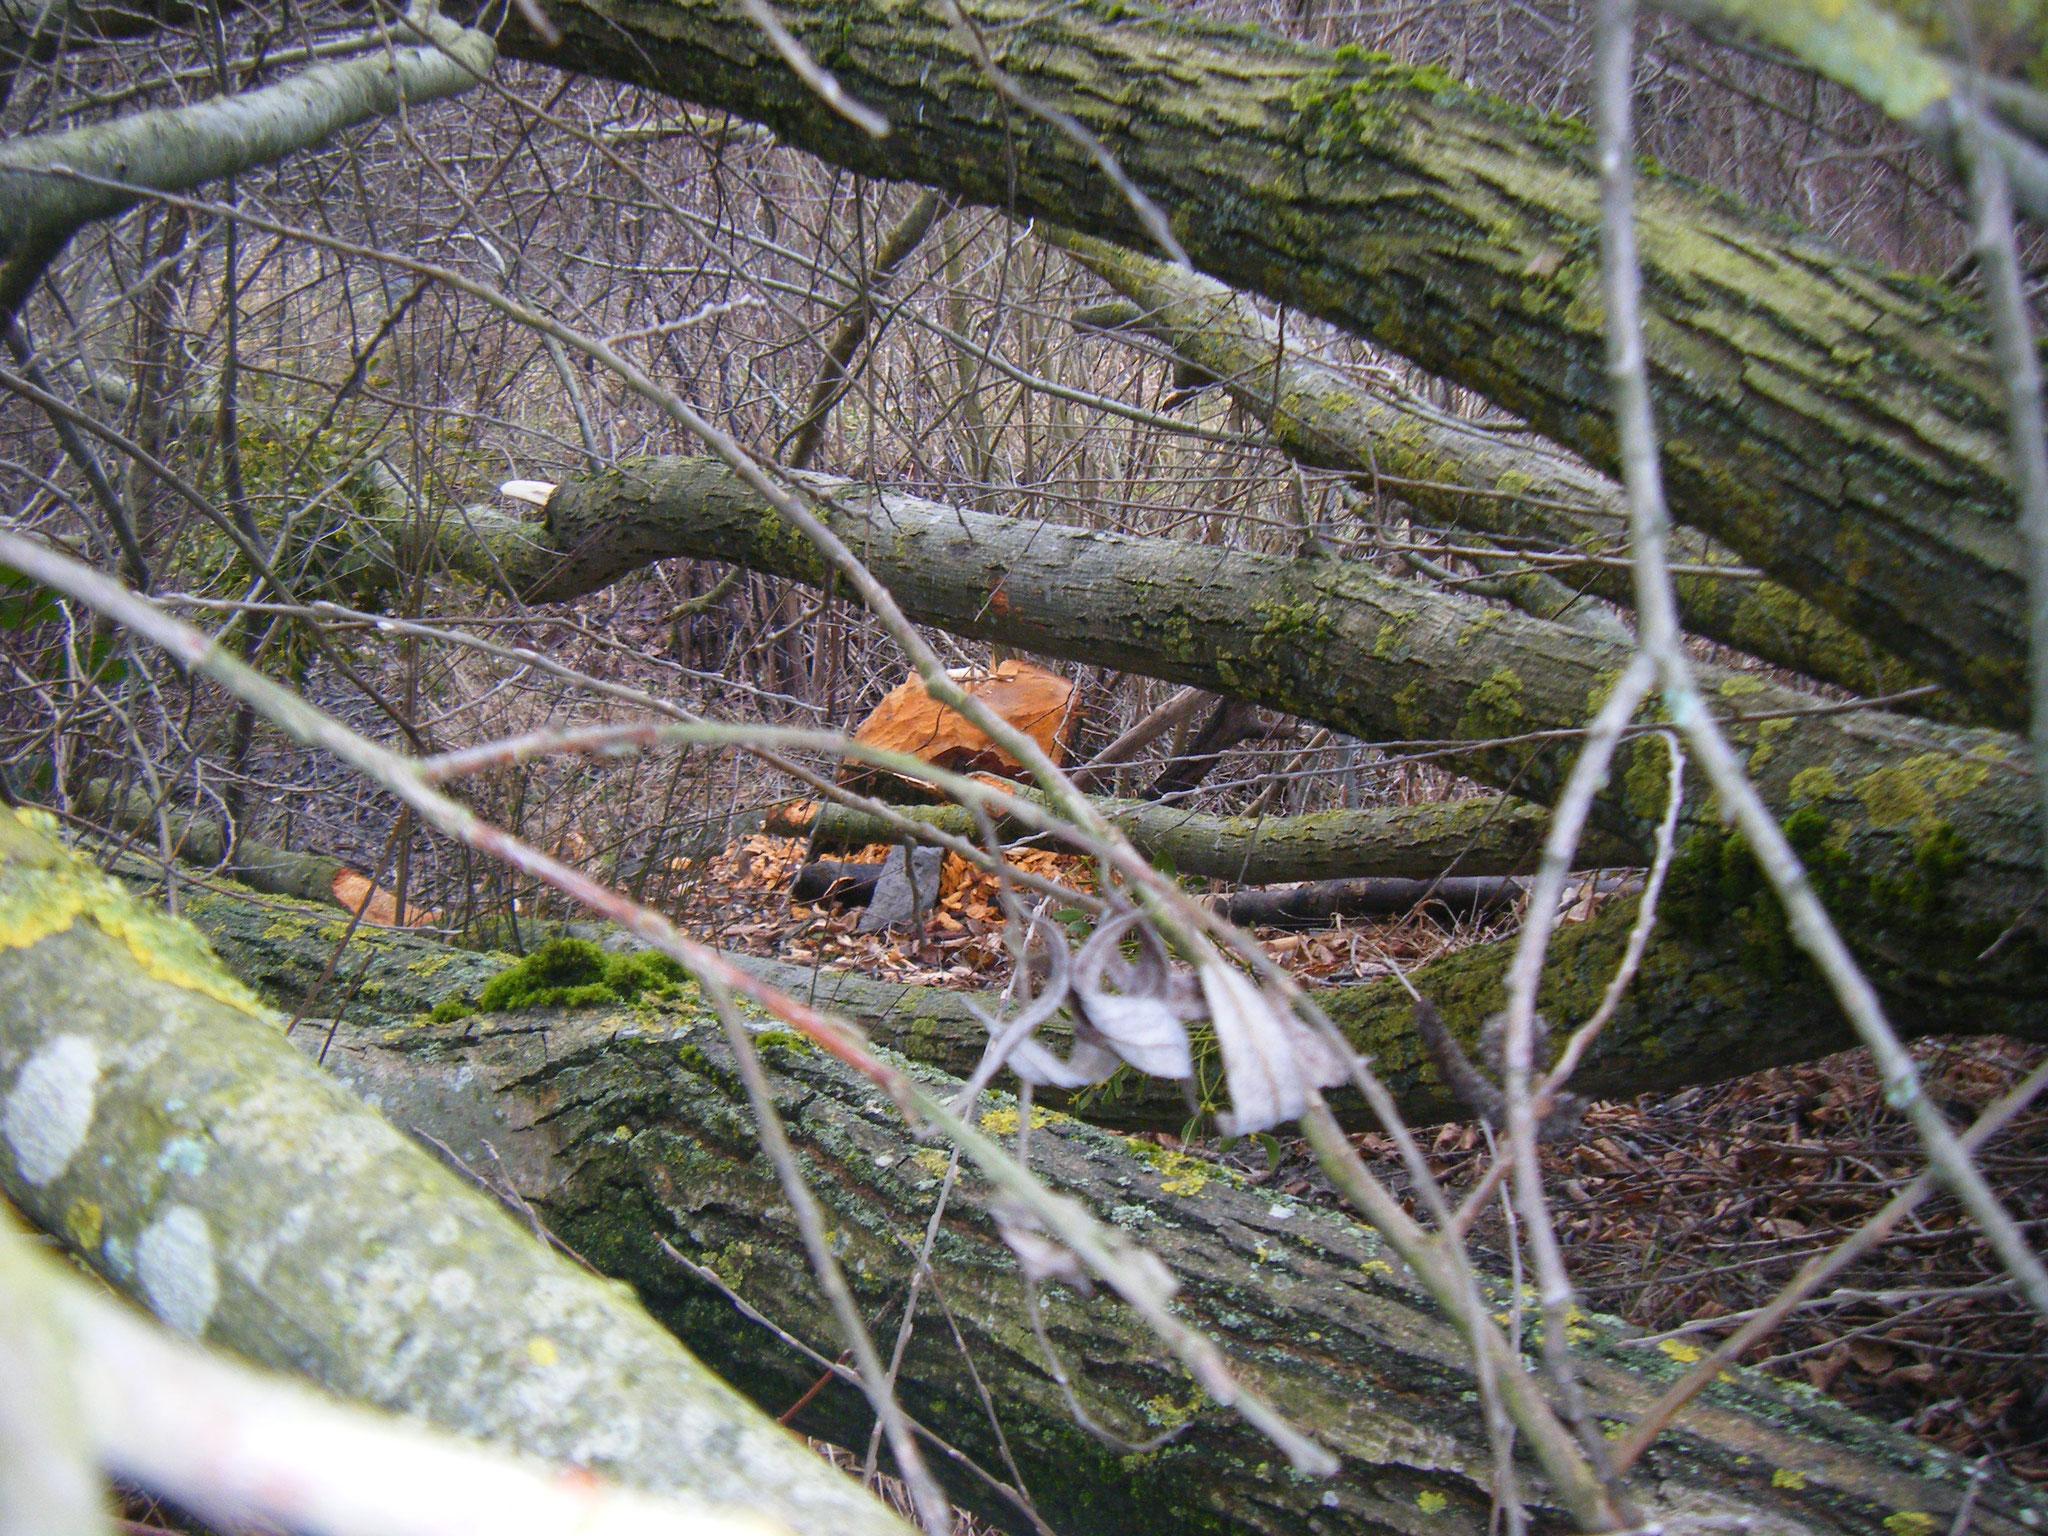 Der Baum wird aber liegen gelassen, so kann der Biber weiter daran arbeiten